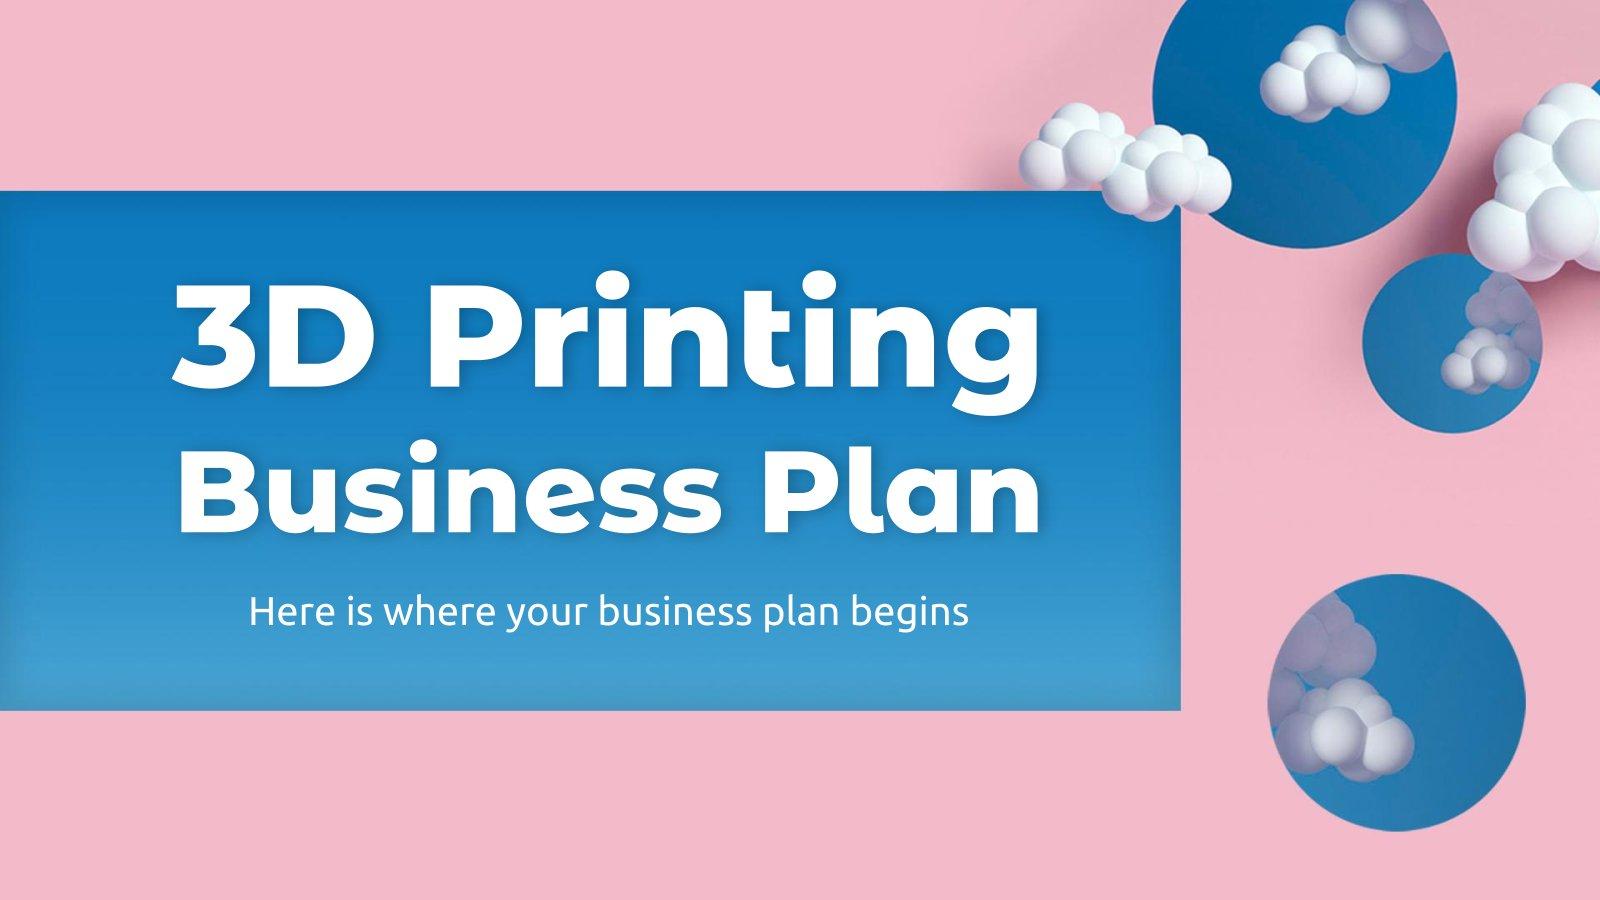 Plan d'affaires impression 3D : Modèles de présentation